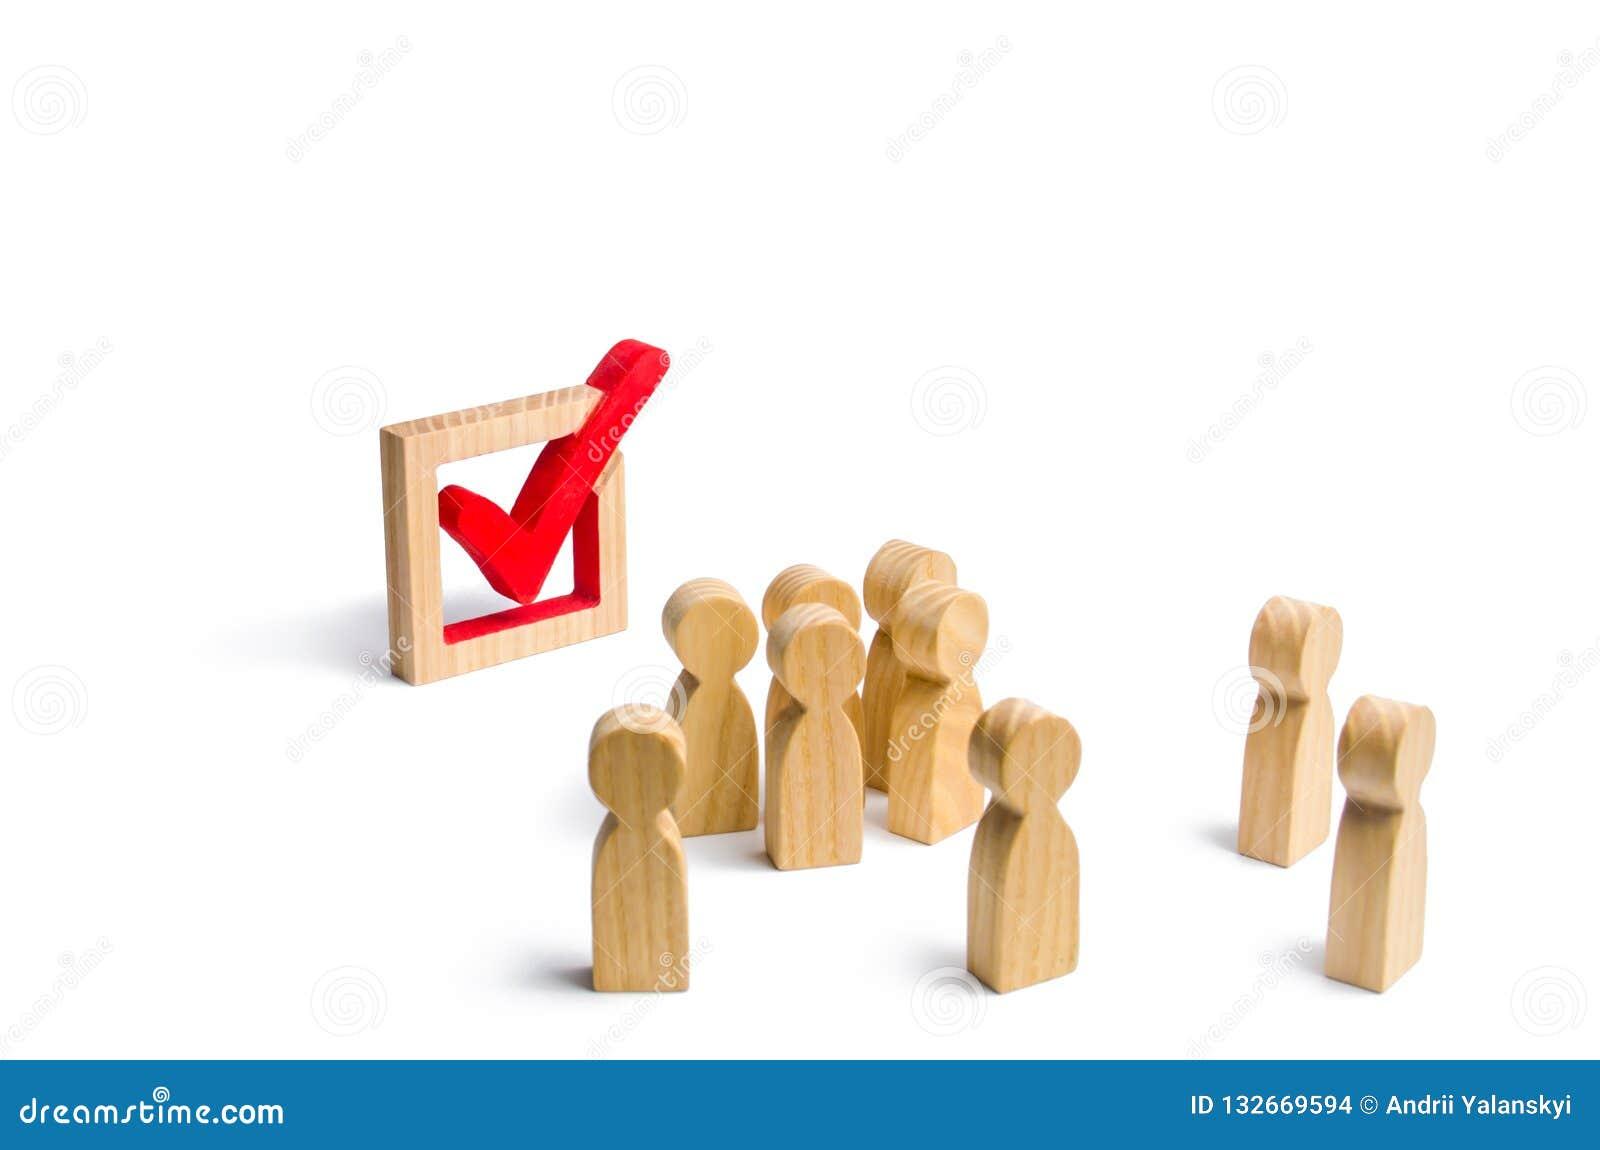 Οι άνθρωποι στέκονται πλησίον και εξετάζουν το σημάδι ελέγχου στο κιβώτιο εκλογή, ψηφοφορία ή δημοψήφισμα Οι ψηφοφόροι συμμετέχου